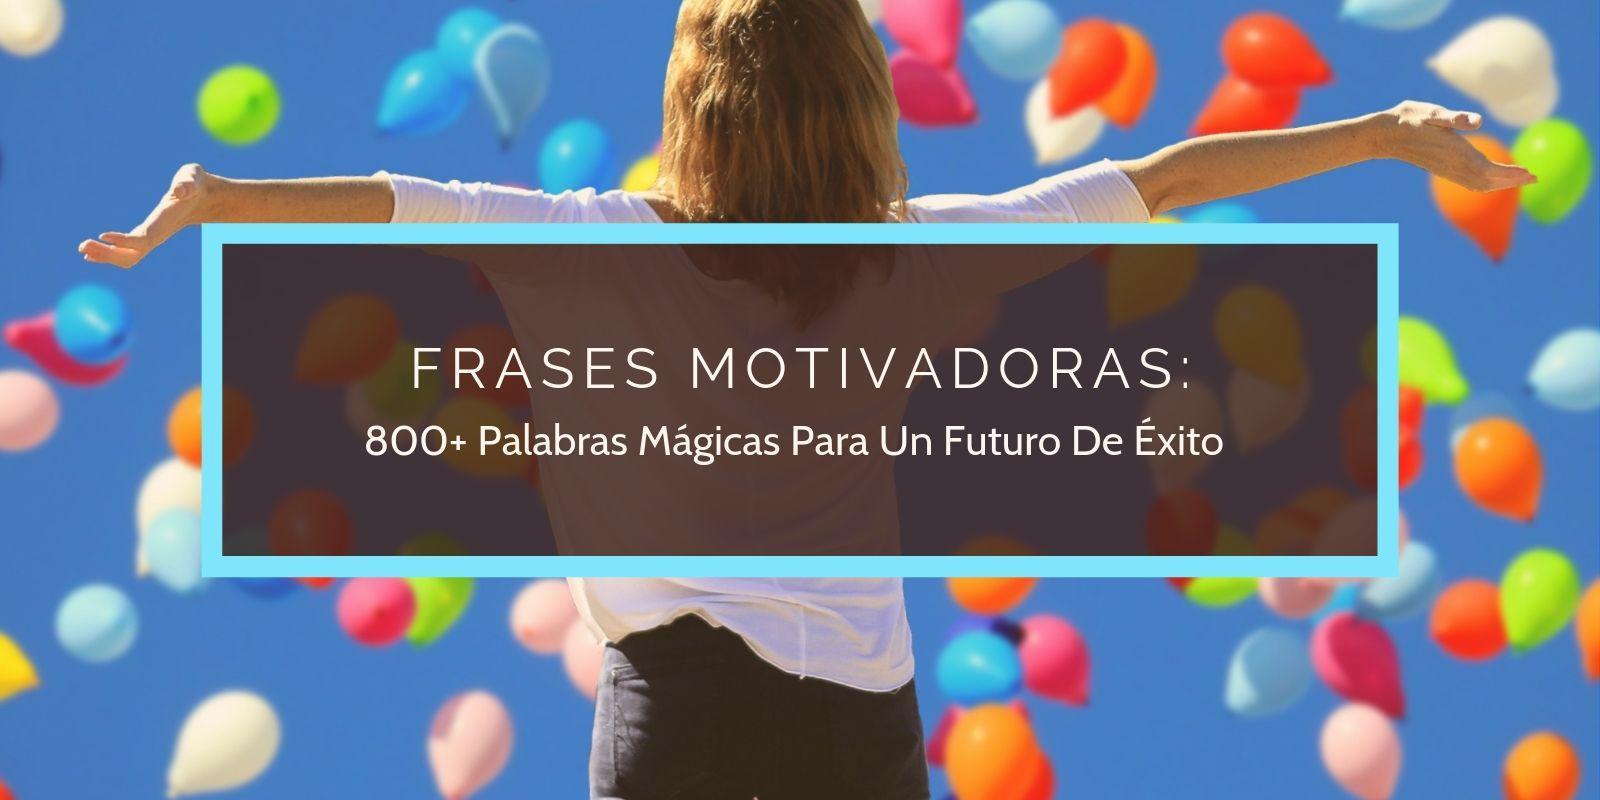 Frases Motivacionales Exito Imágenes Y Detalles